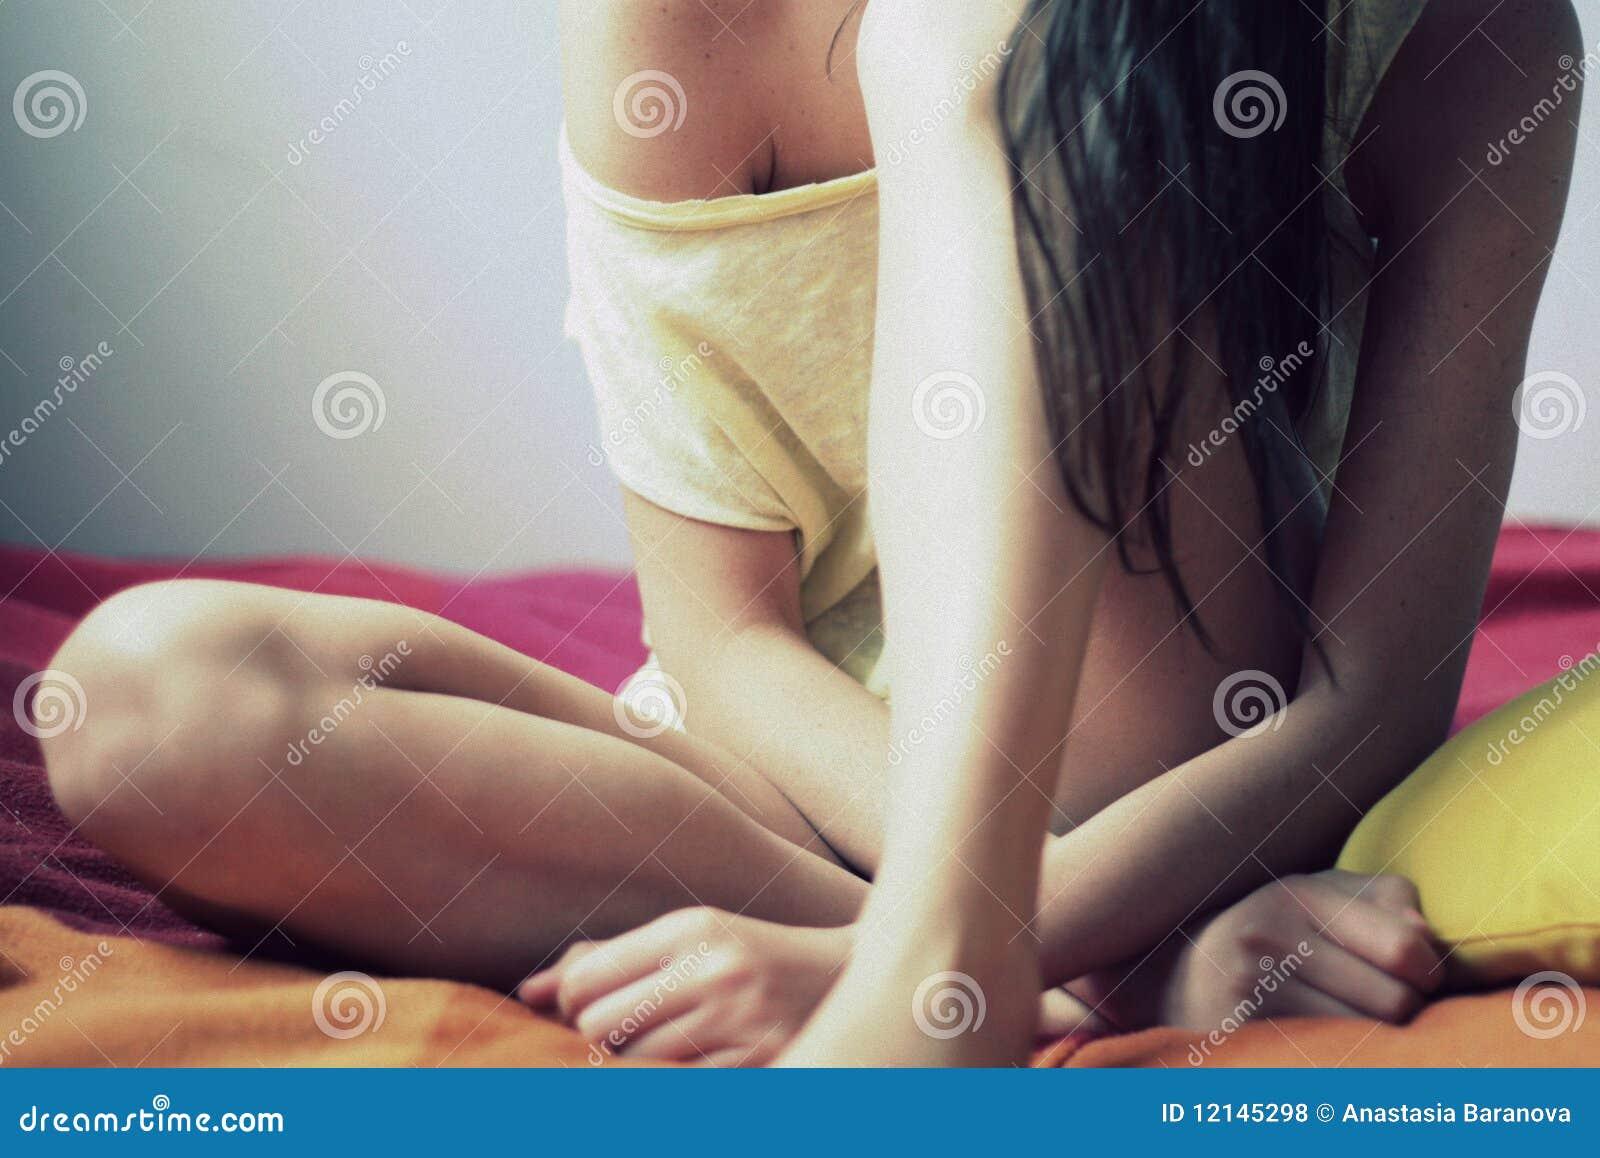 Інтим фото девушек 2 фотография